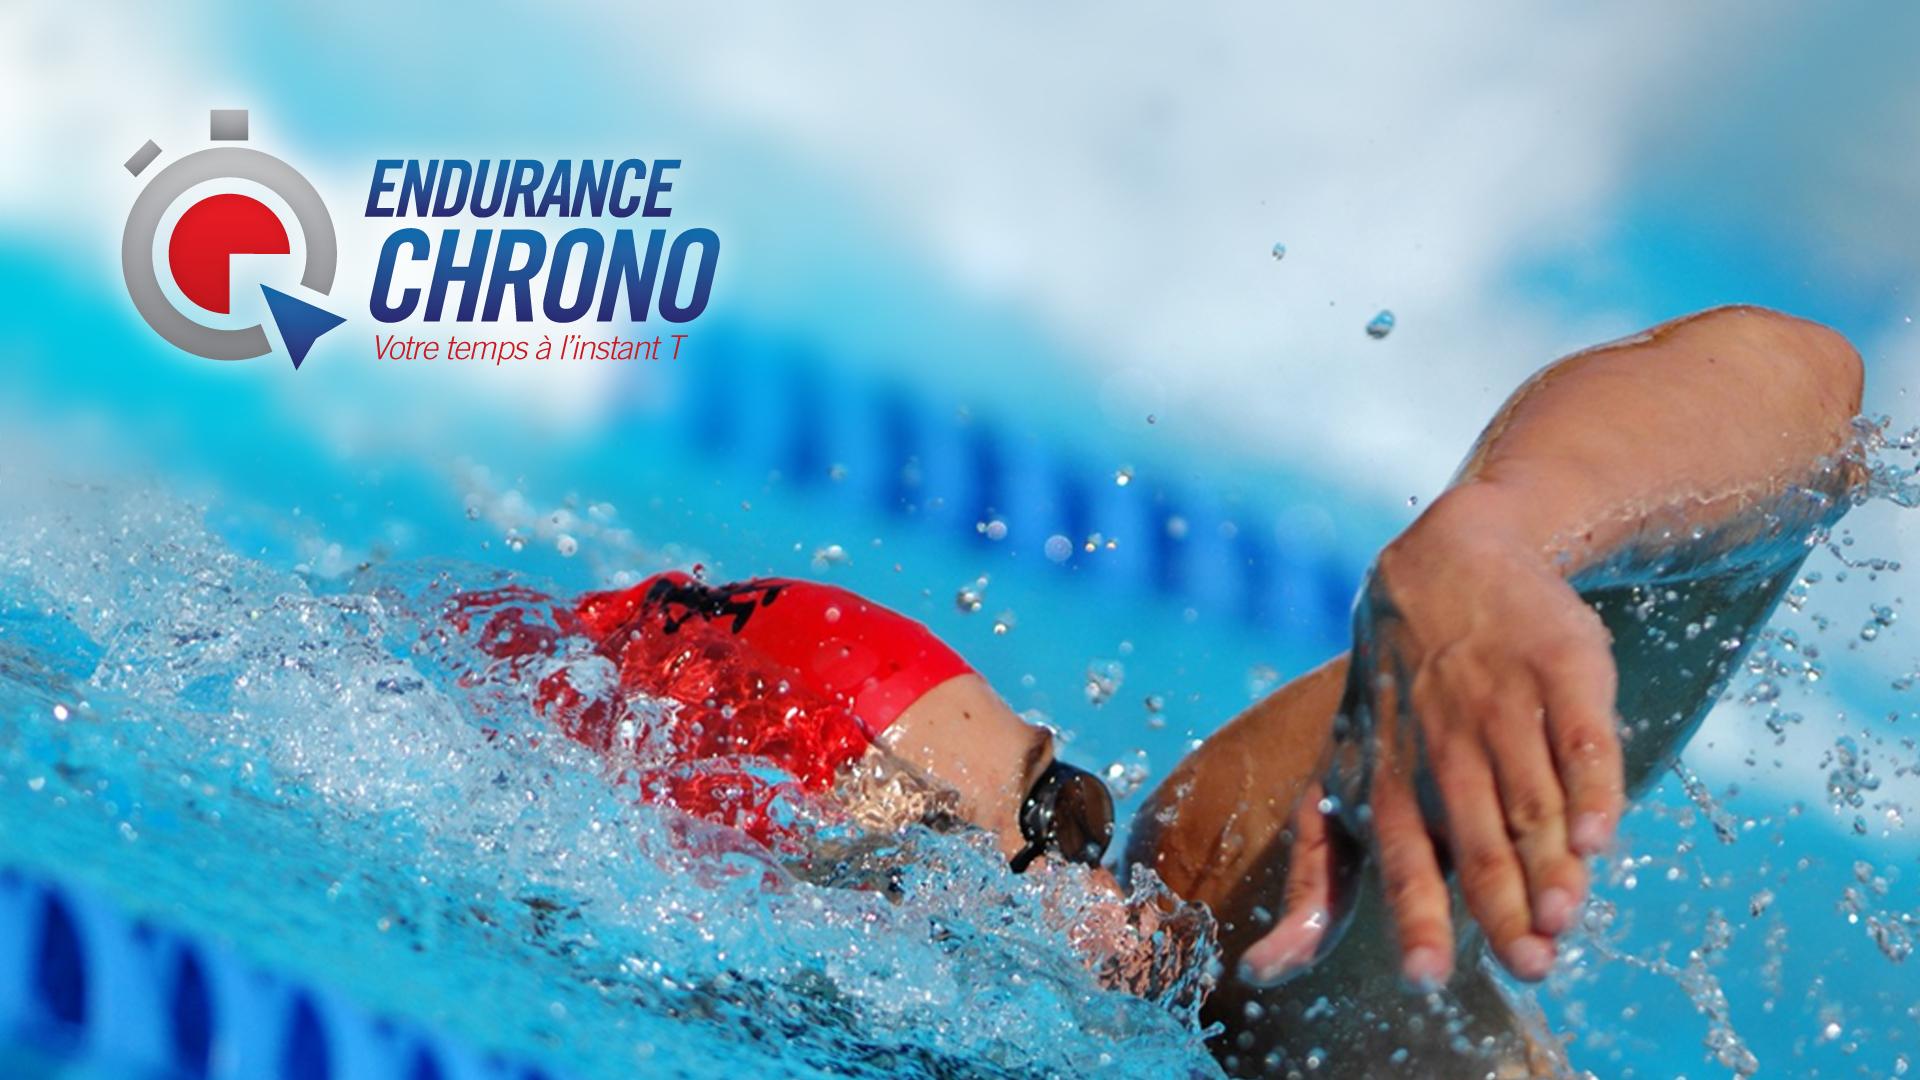 endurance-chrono-creation-logo-plaquette-flyer-communication-caconcept-alexis-cretin-graphiste